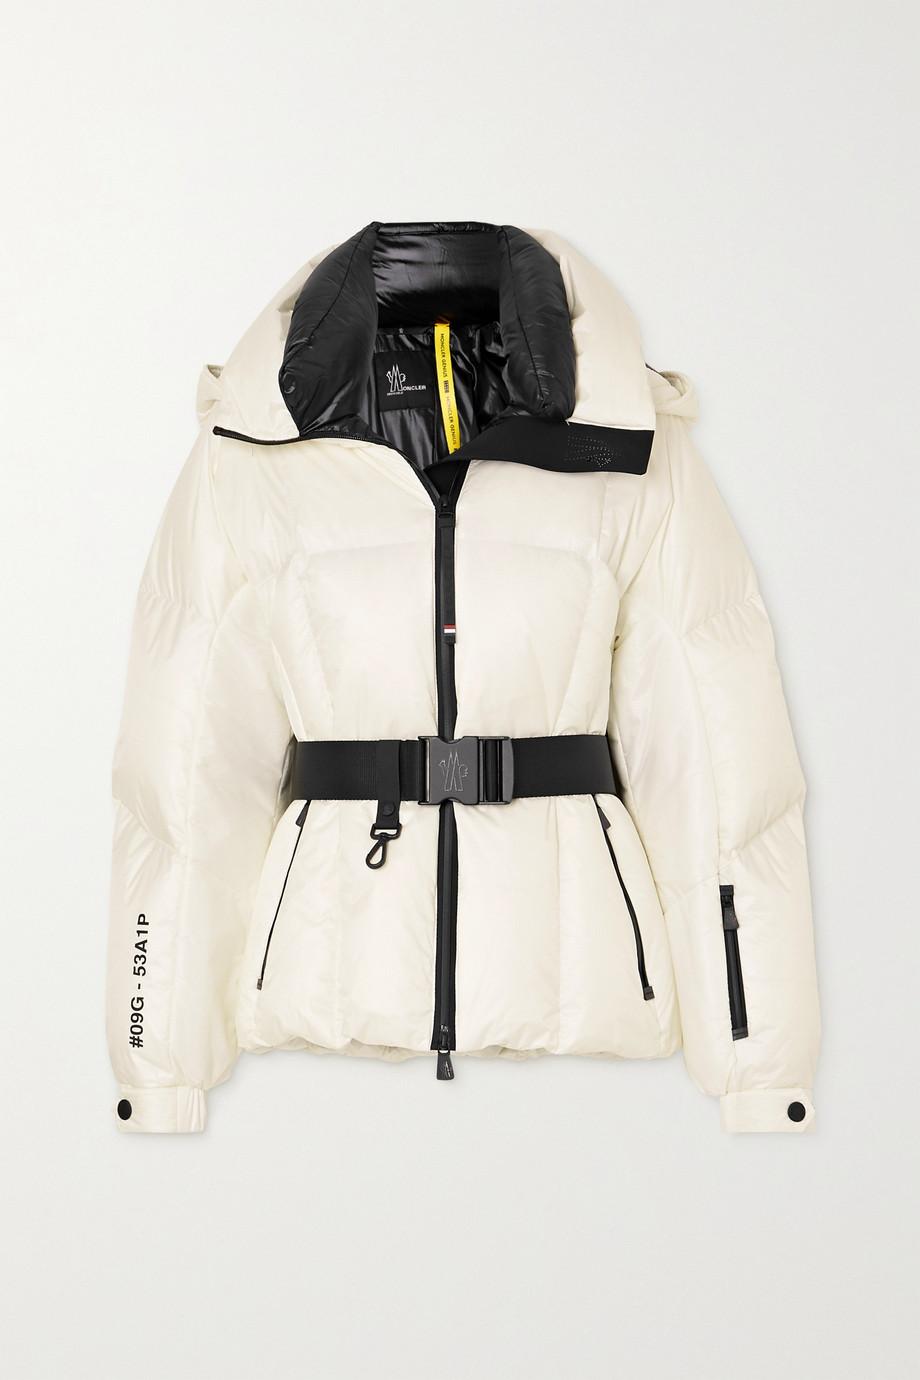 Moncler Genius Grossaix gesteppte Skijacke mit Daunenfüllung, Gürtel und Print